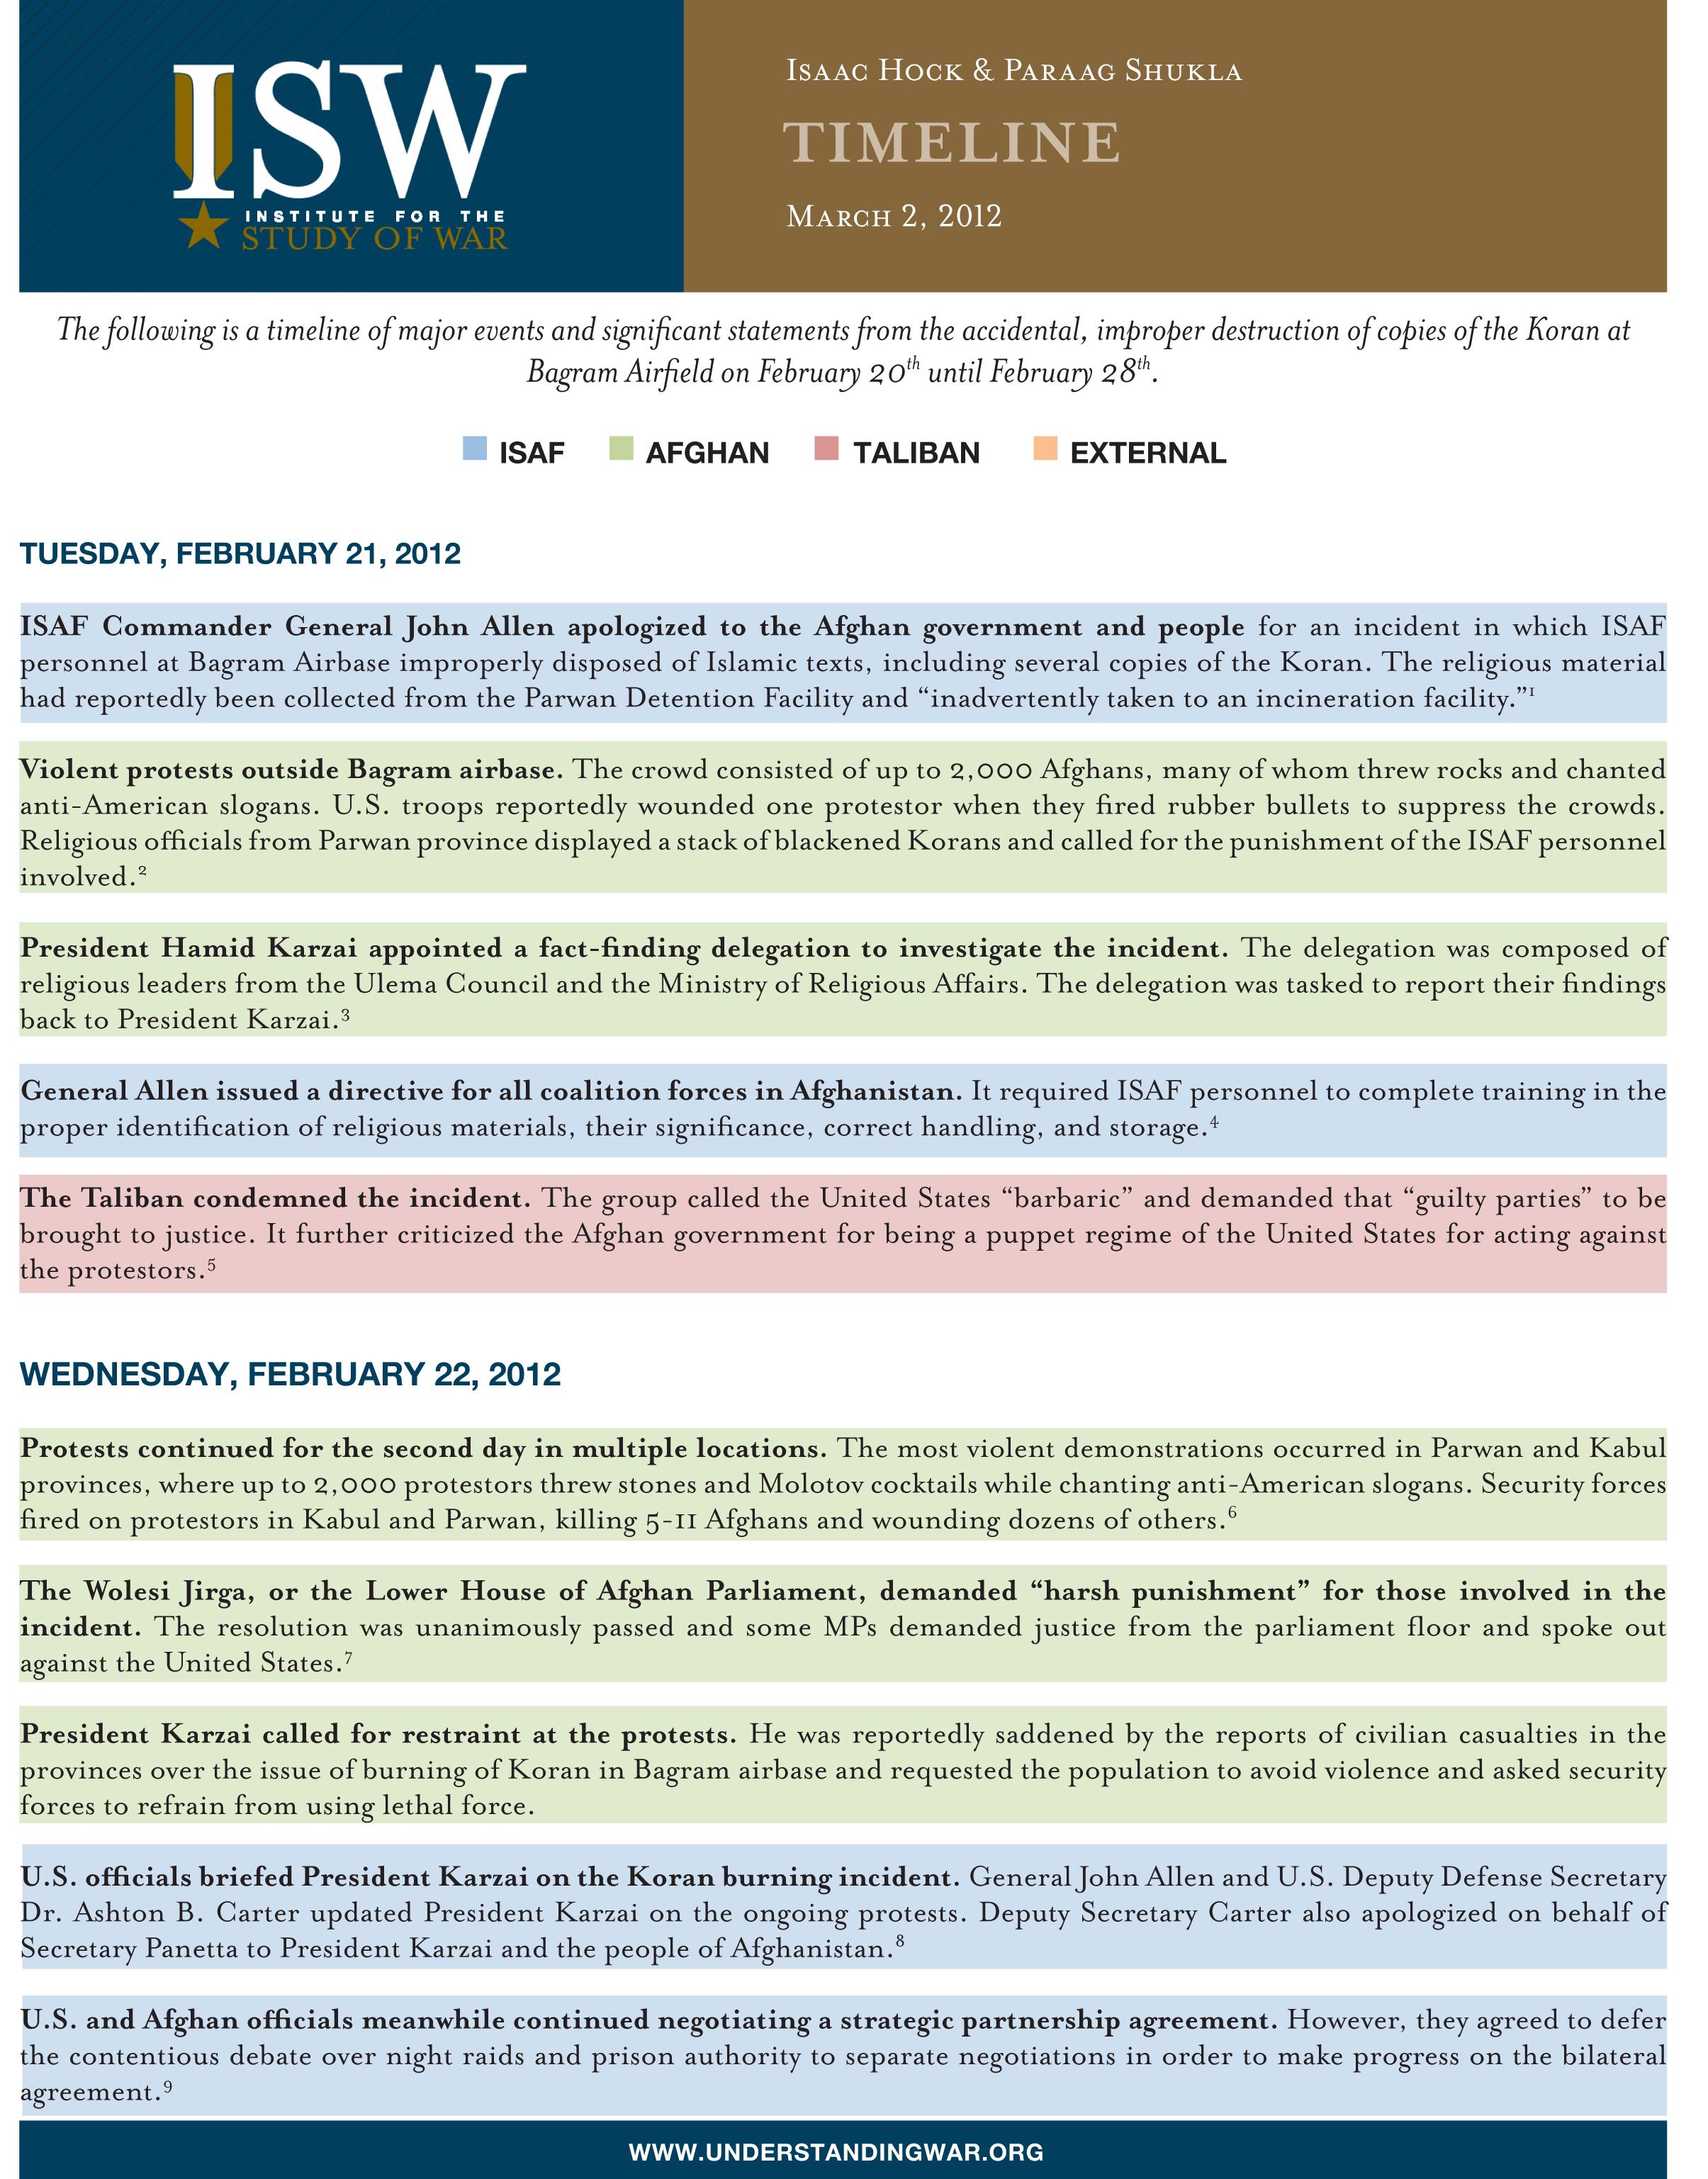 Protest Timeline